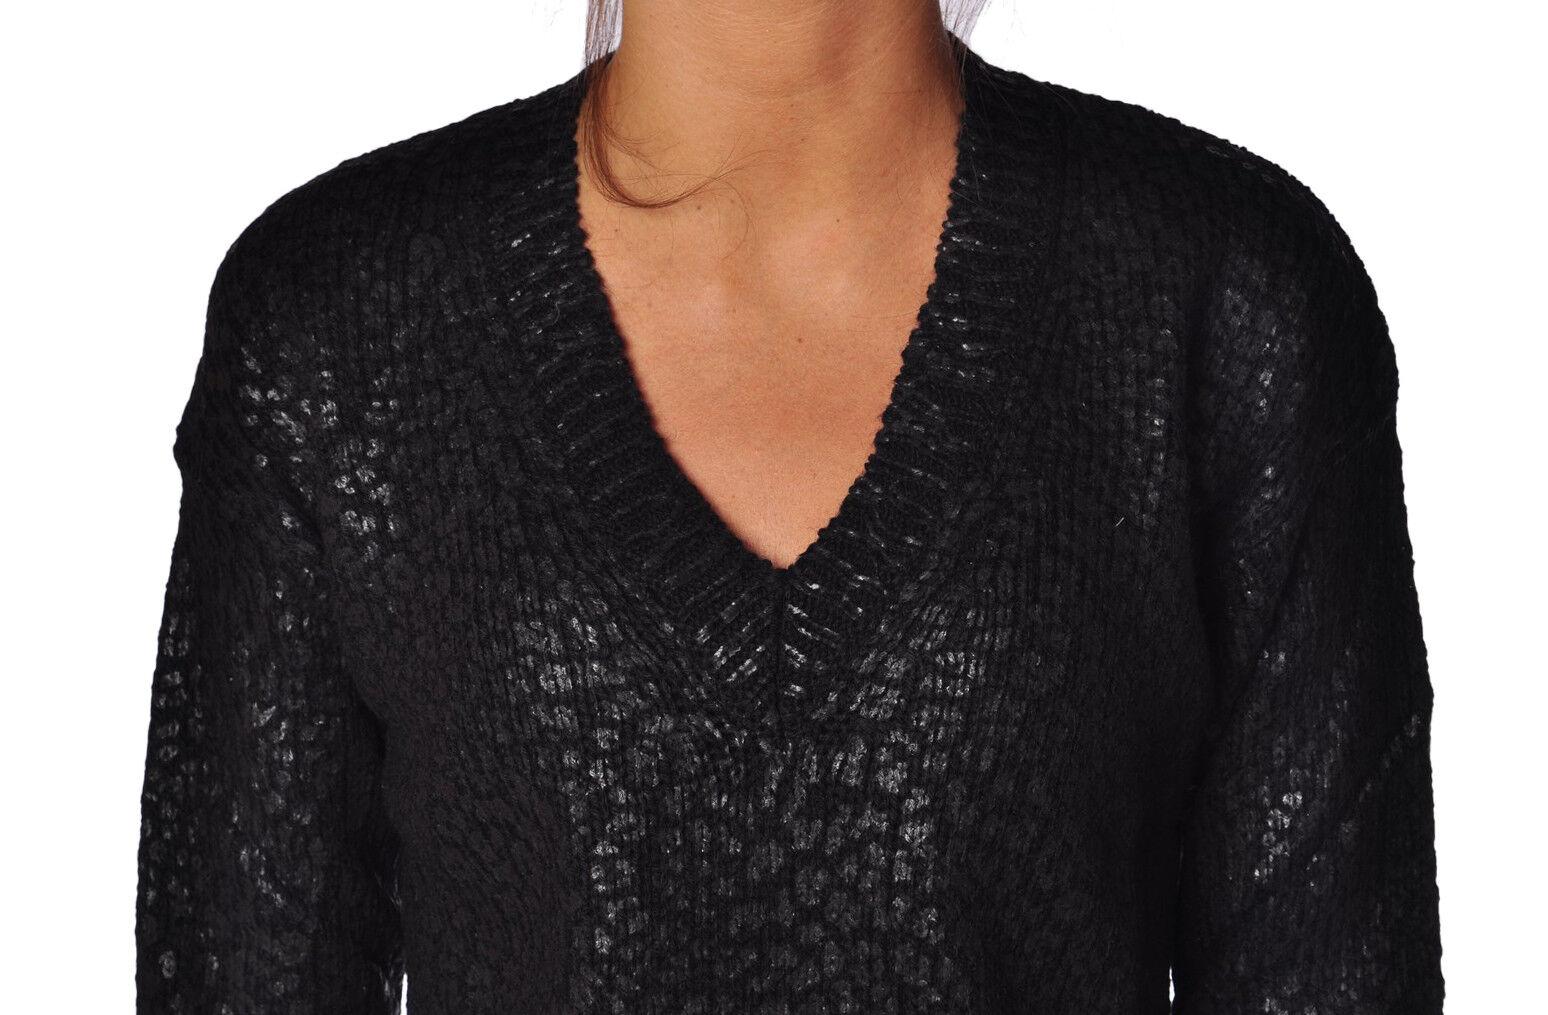 Liu-Jo - Knitwear-Sweaters - woman - 693617C184102